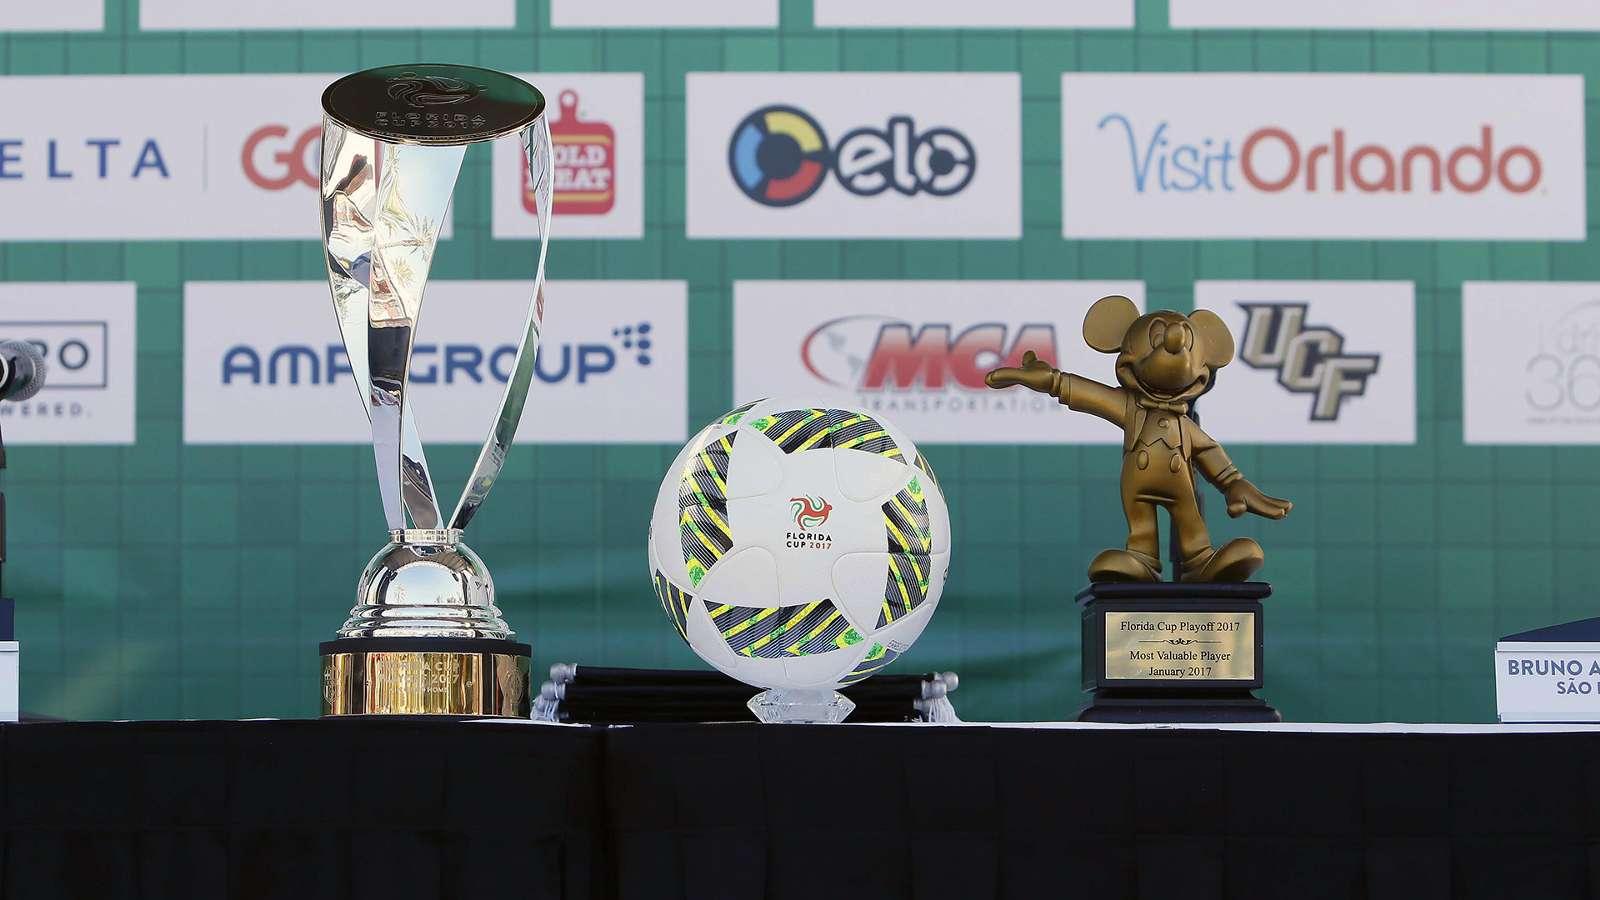 Florida Cup: times, jogo e transmissões; confira tudo sobre o torneio